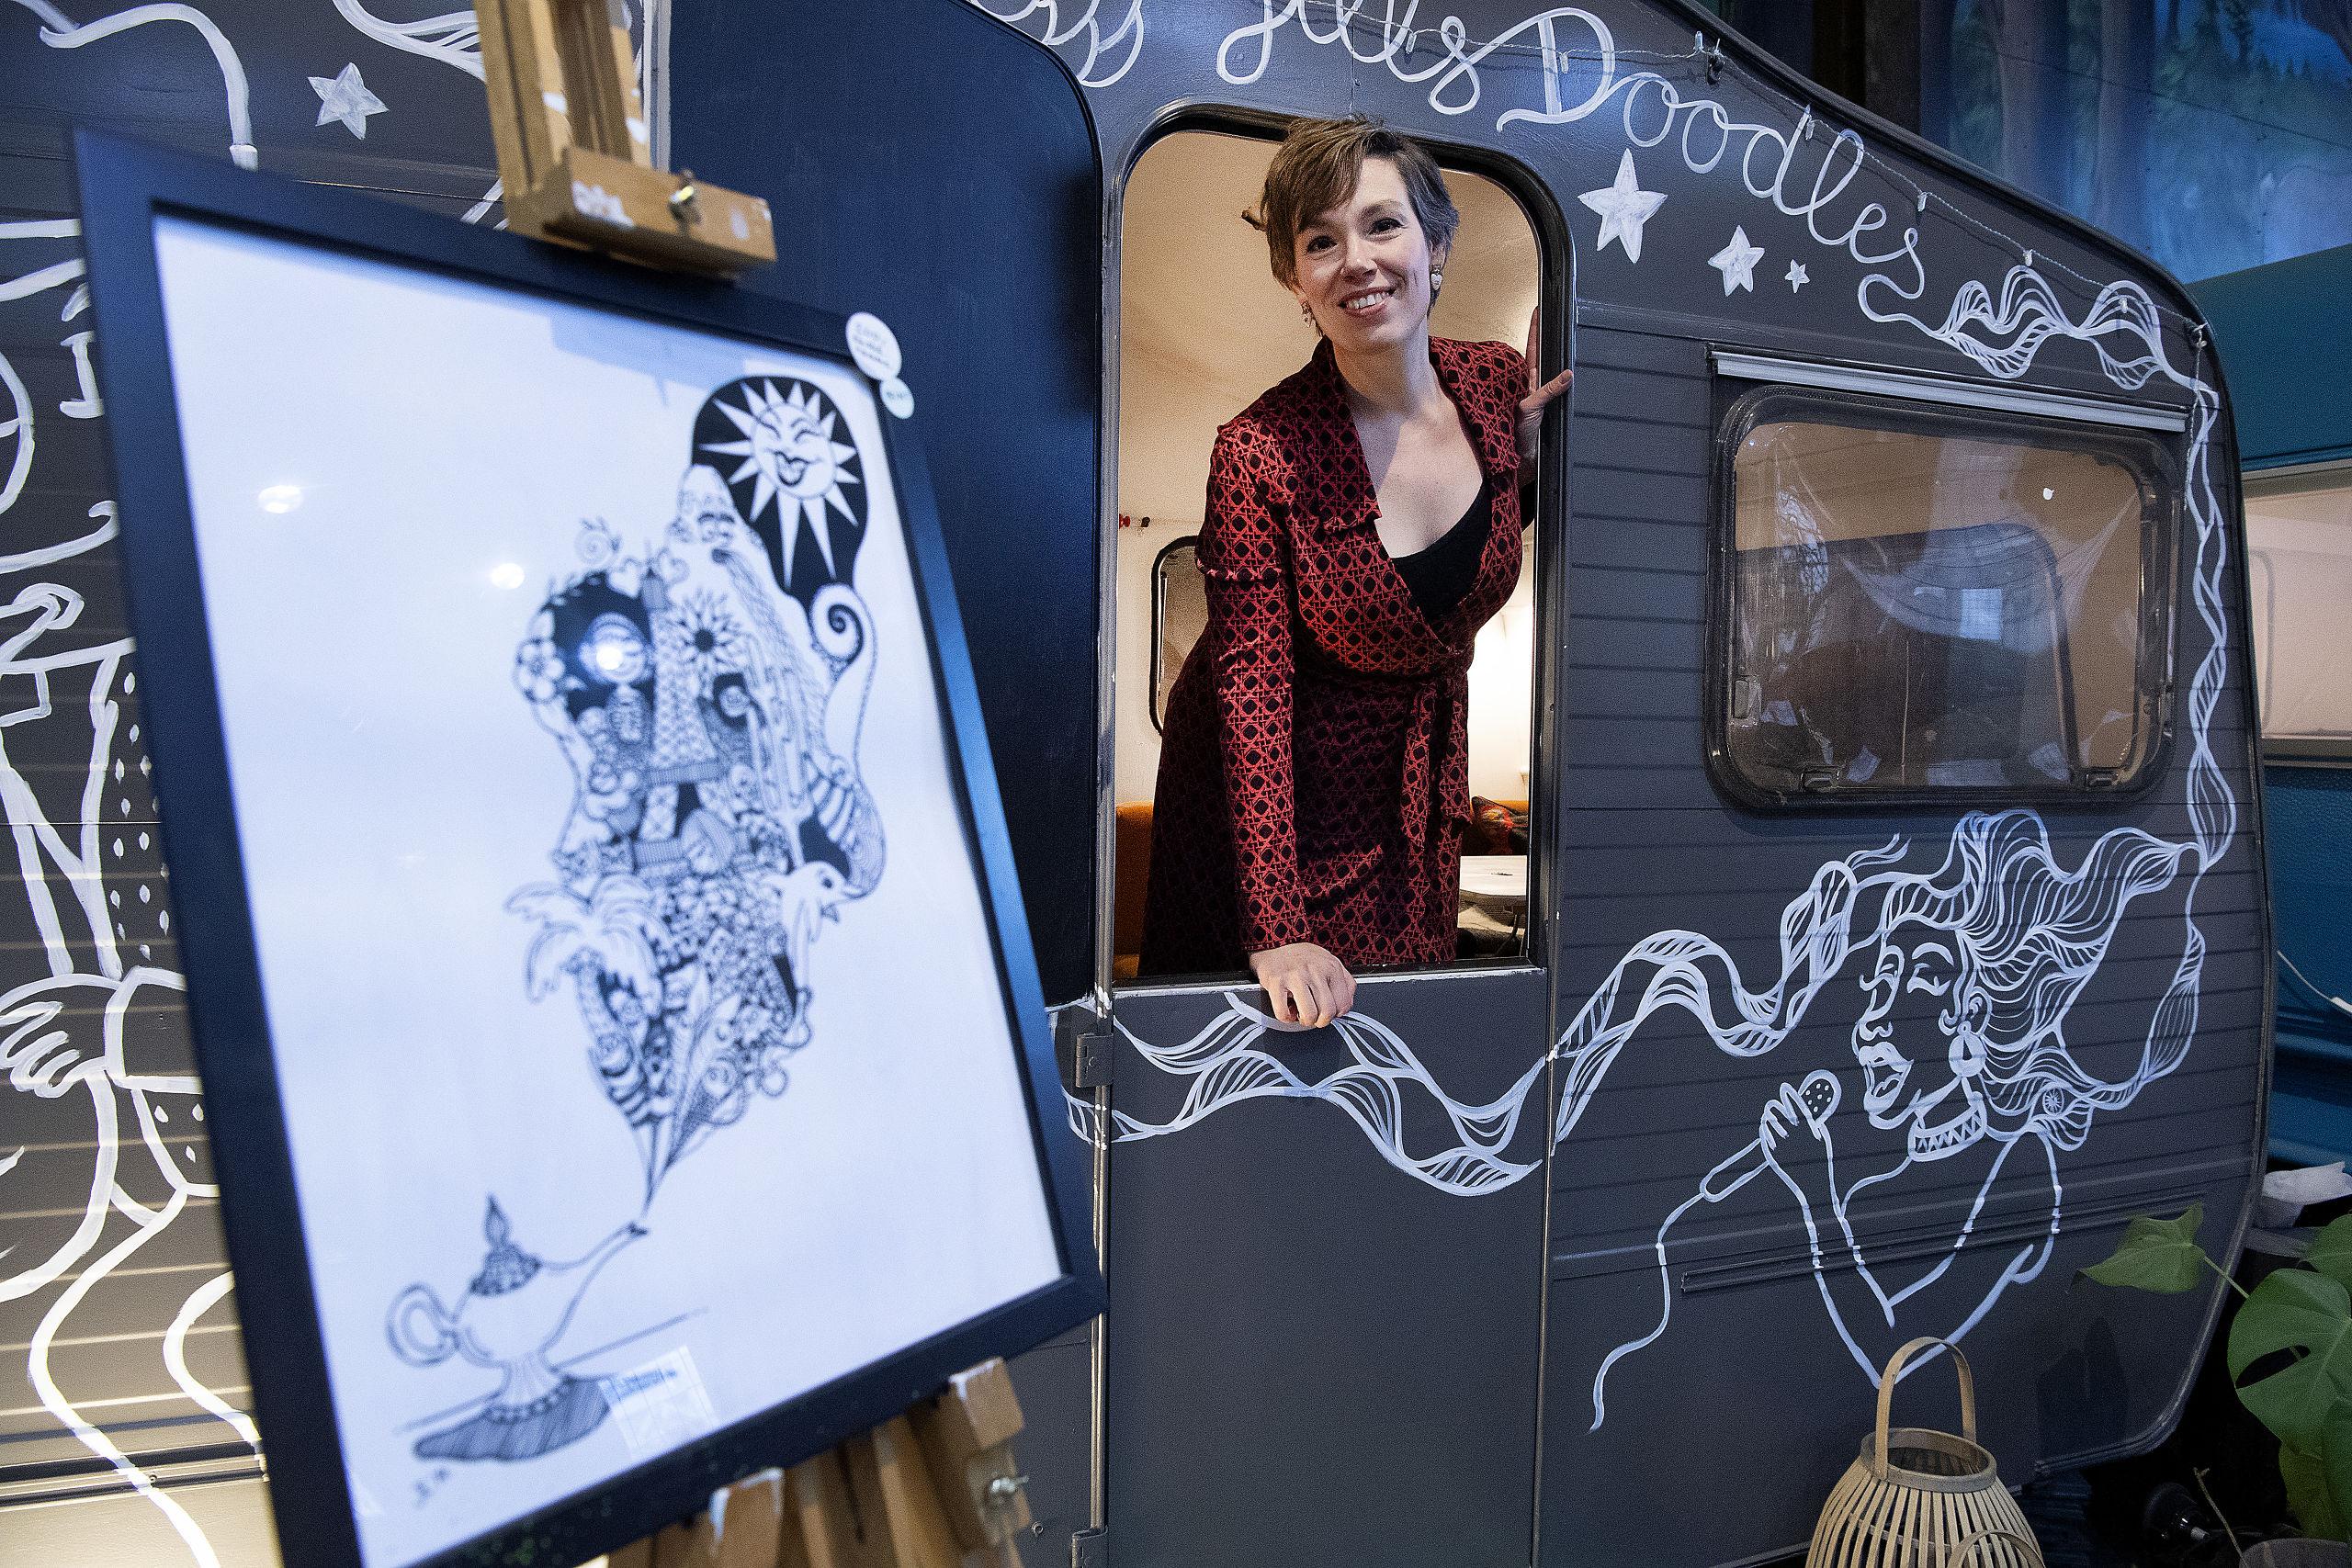 Fremover vil Jill Lycoops satse 100 procent på sin kunst. Foto: Peter Mørk